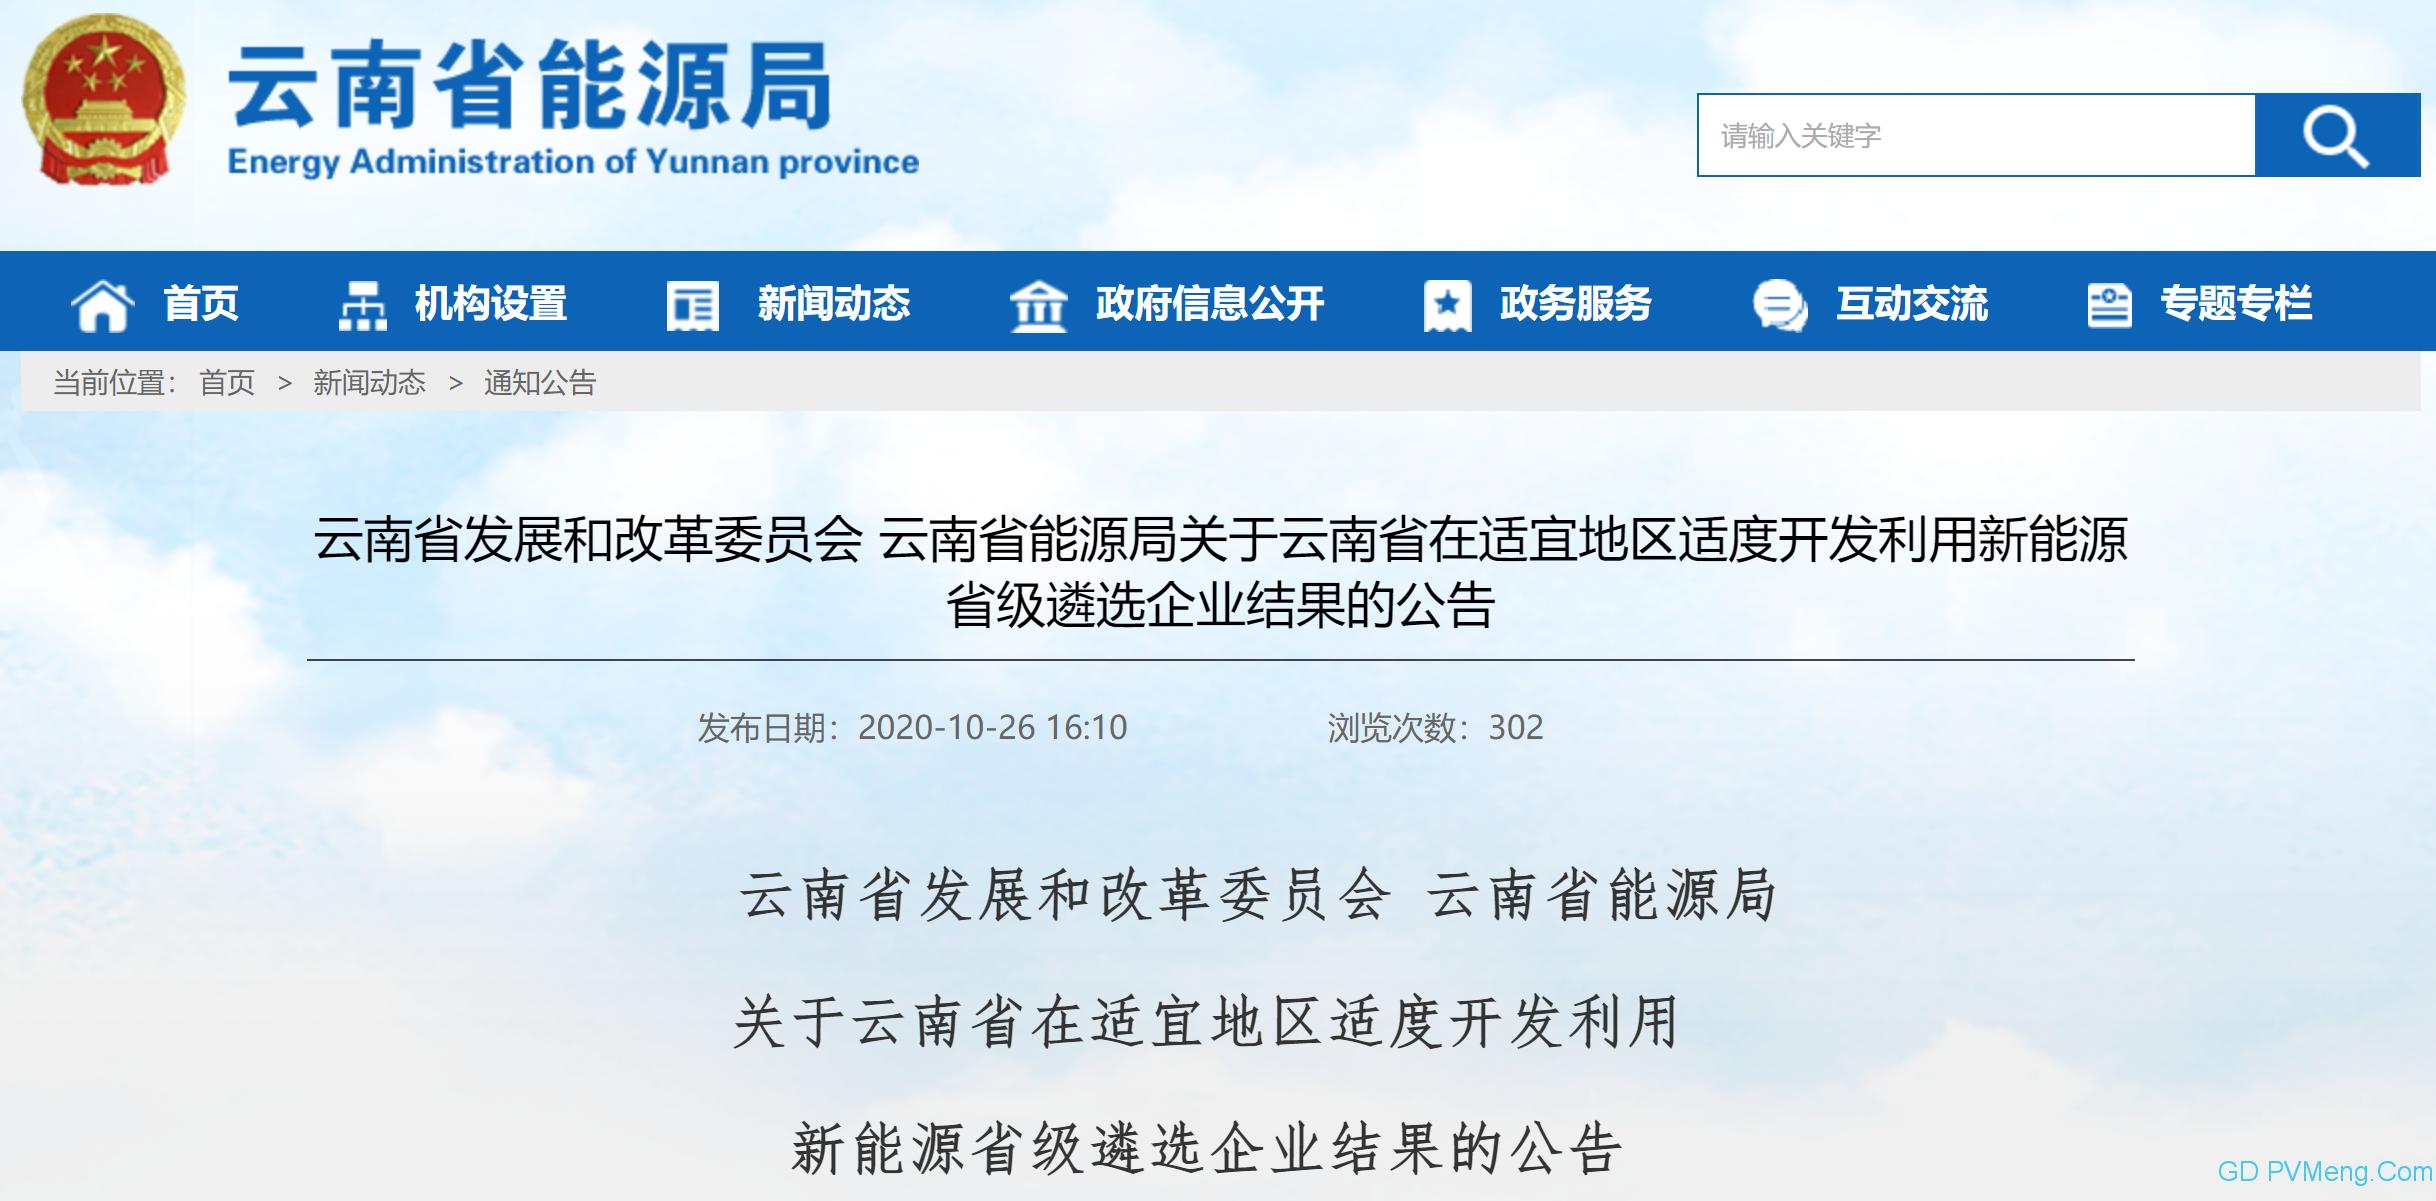 关于云南省在适宜地区适度开发利用新能源省级遴选企业结果的公告20201026